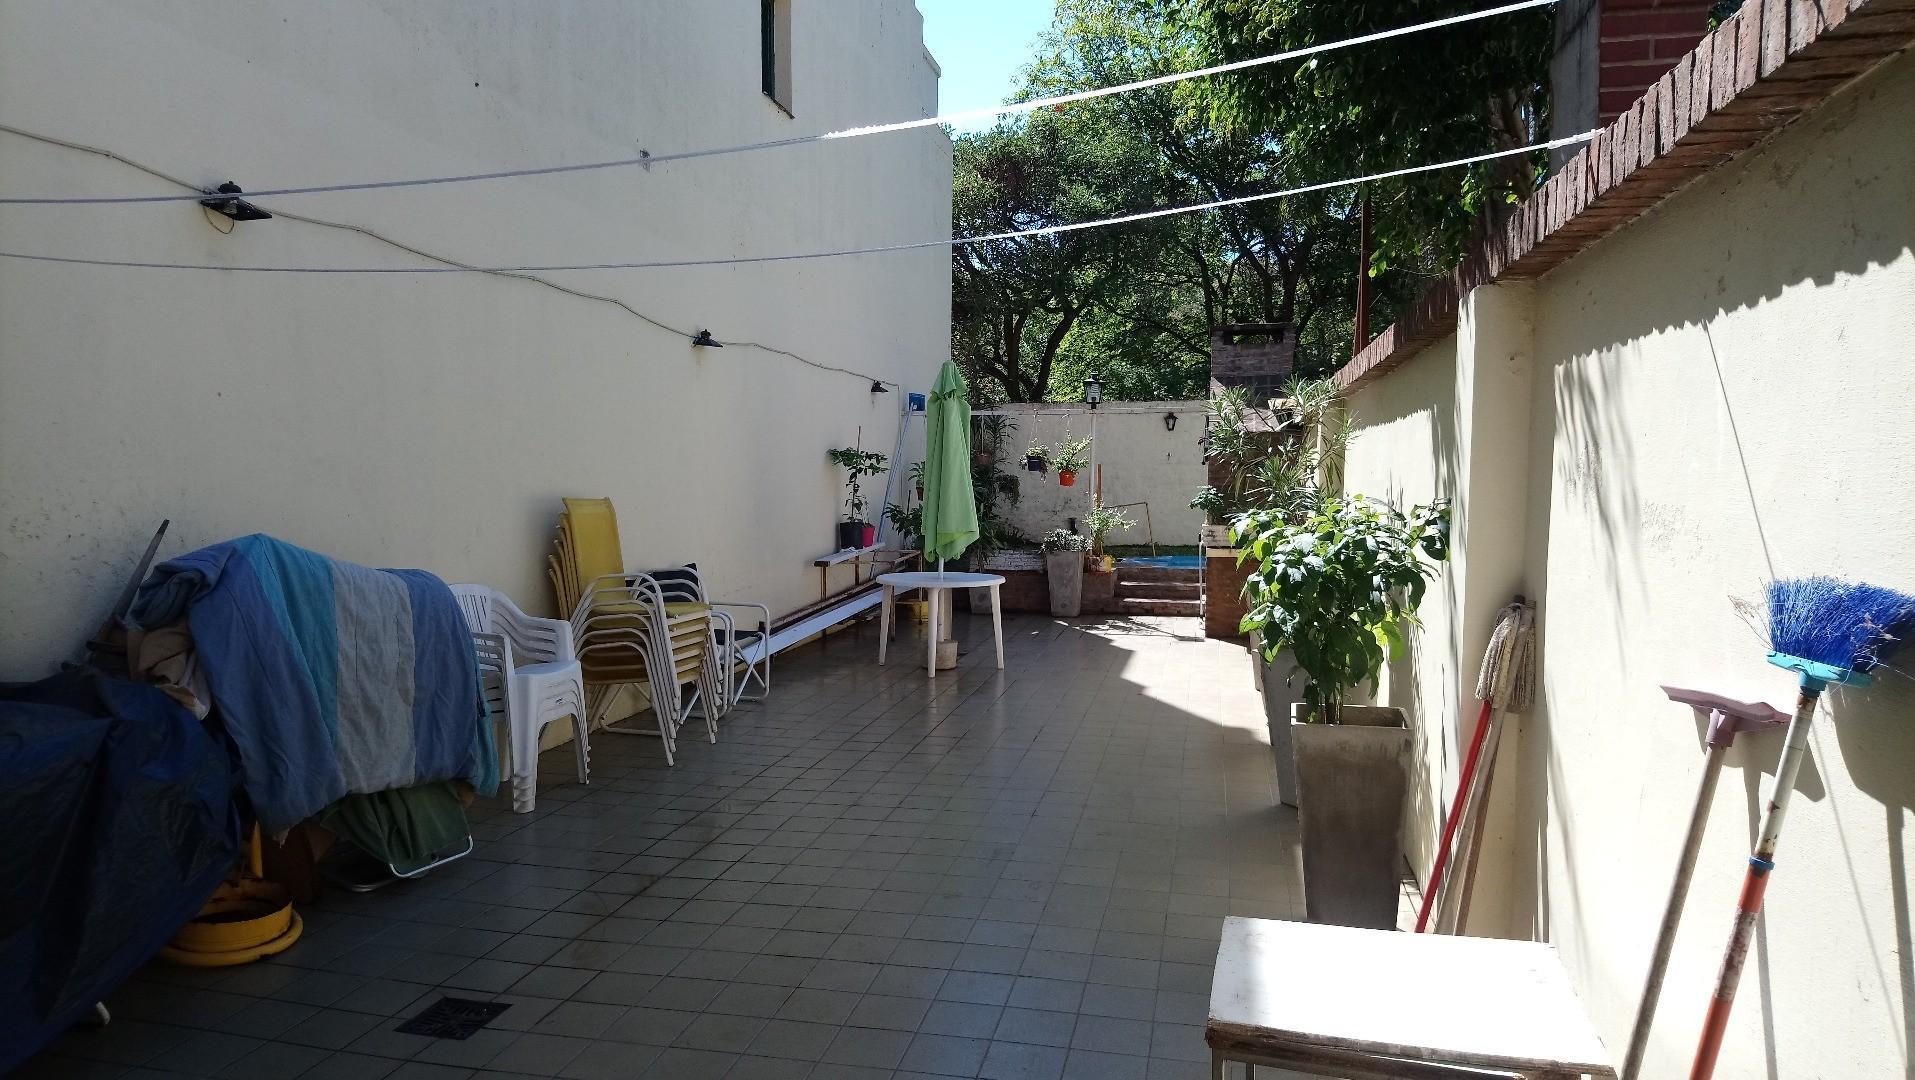 OPORTUNIDAD Hermosa Casa Amplia 4 Ambiente 280mts   4 ambientes + playroom Patio, Parrilla y pileta.